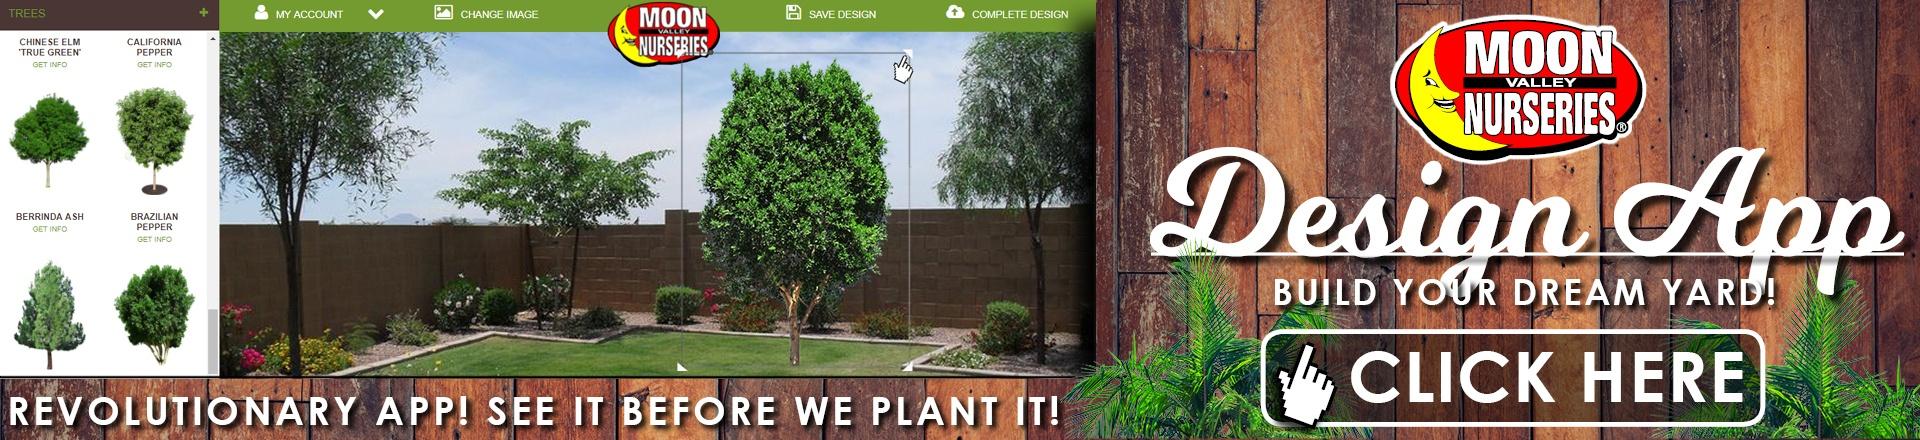 Backyard-Builder-Landing-Page-Banner-Image.jpg